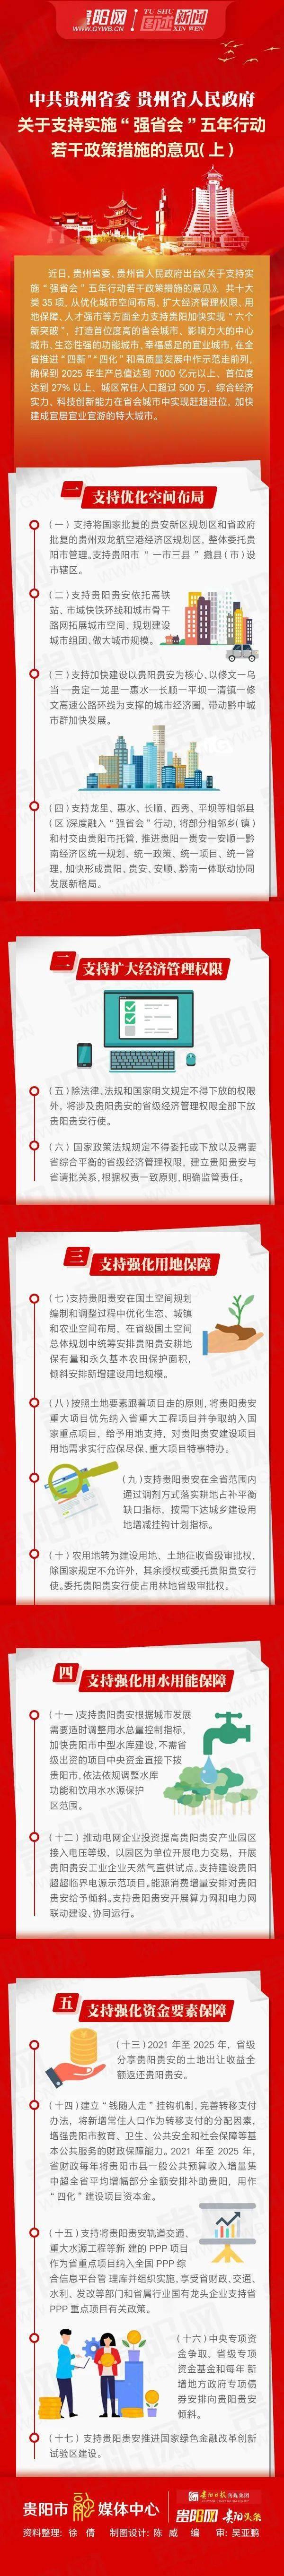 强省会五年行动若干政策措施.jpeg